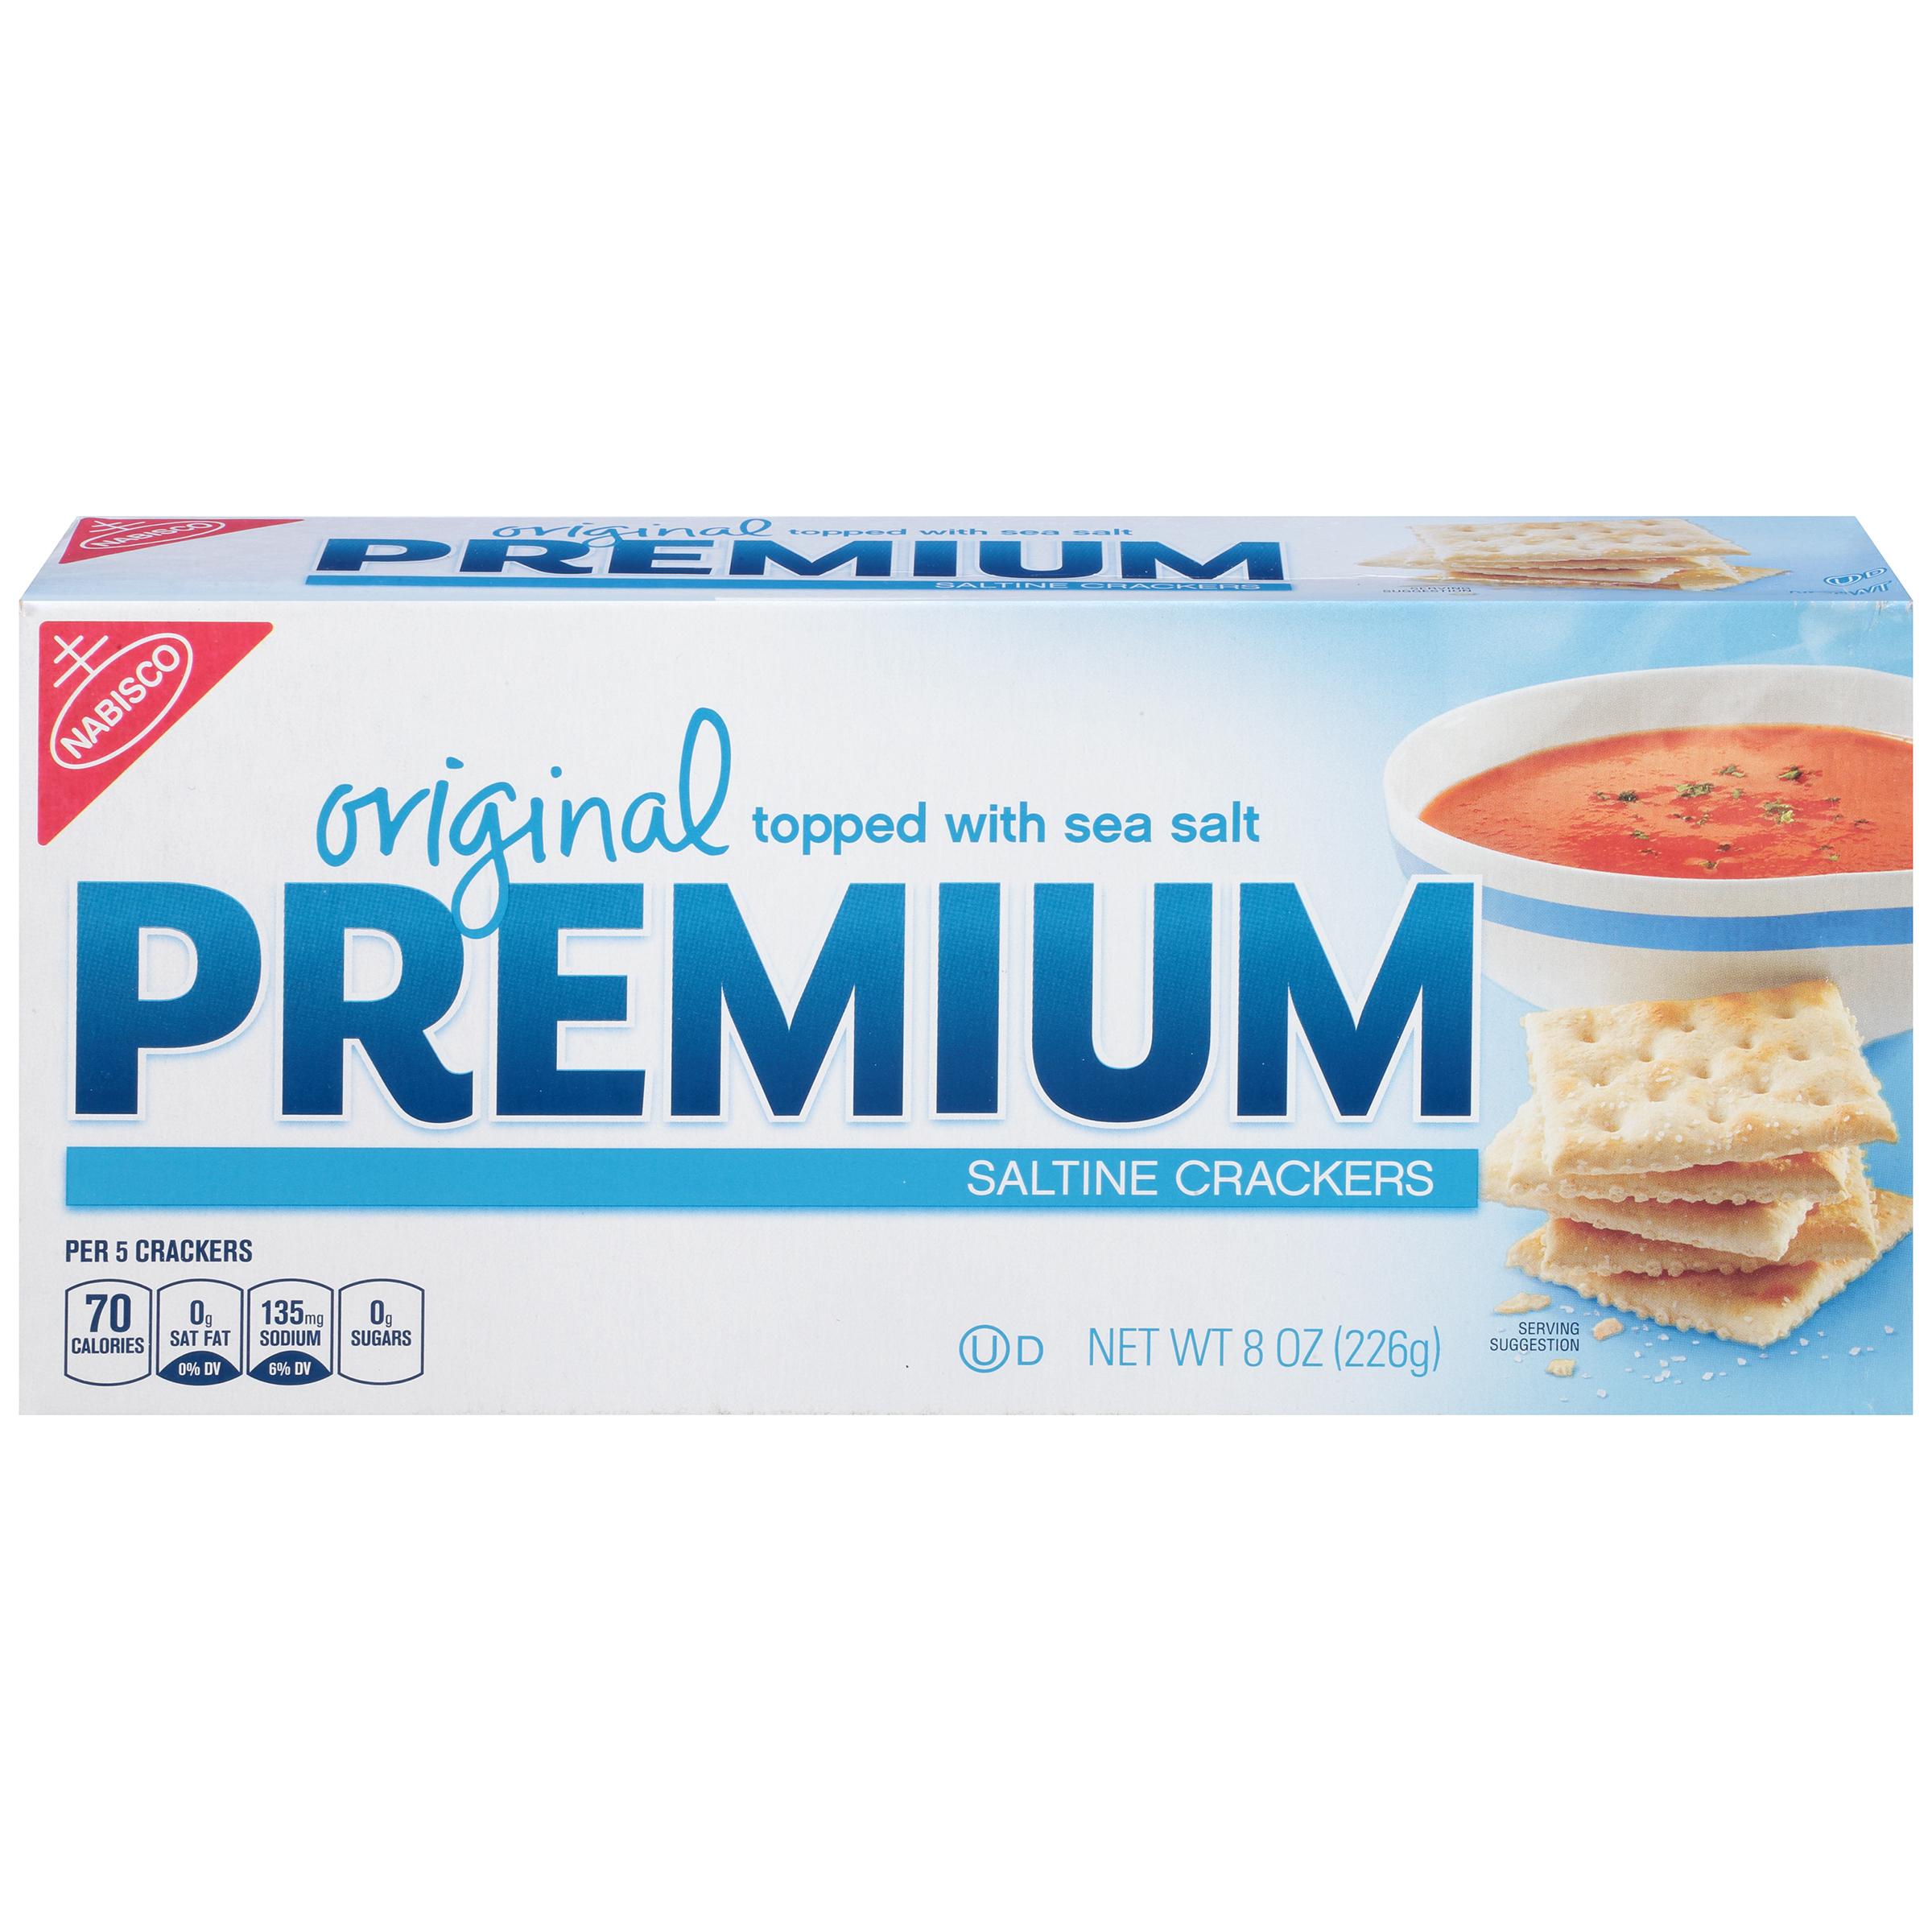 PREMIUM Original Crackers 8 oz